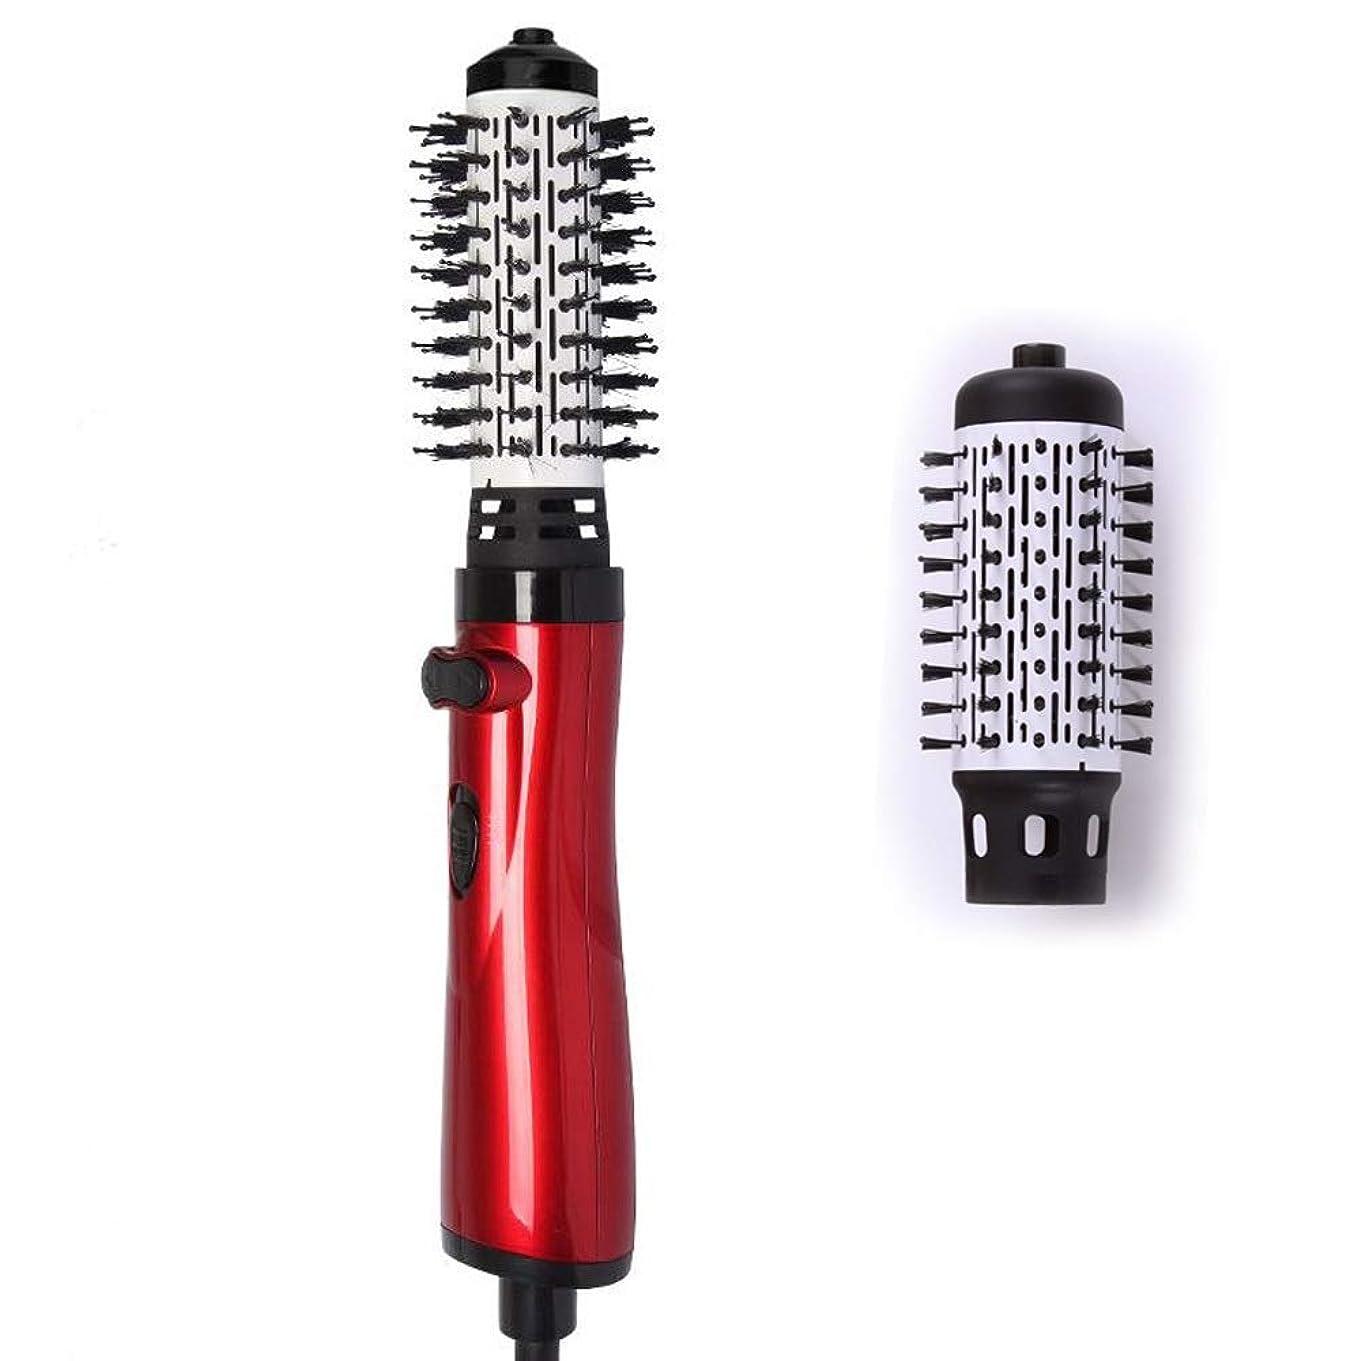 熱帯の実現可能ペインギリック3 in 1 ドライヤー 矯正機 そして、カーラー ワンステップ熱風ブラシ やけど防止アニオン 回転 髪の毛 ドライ カール モデリング 道具